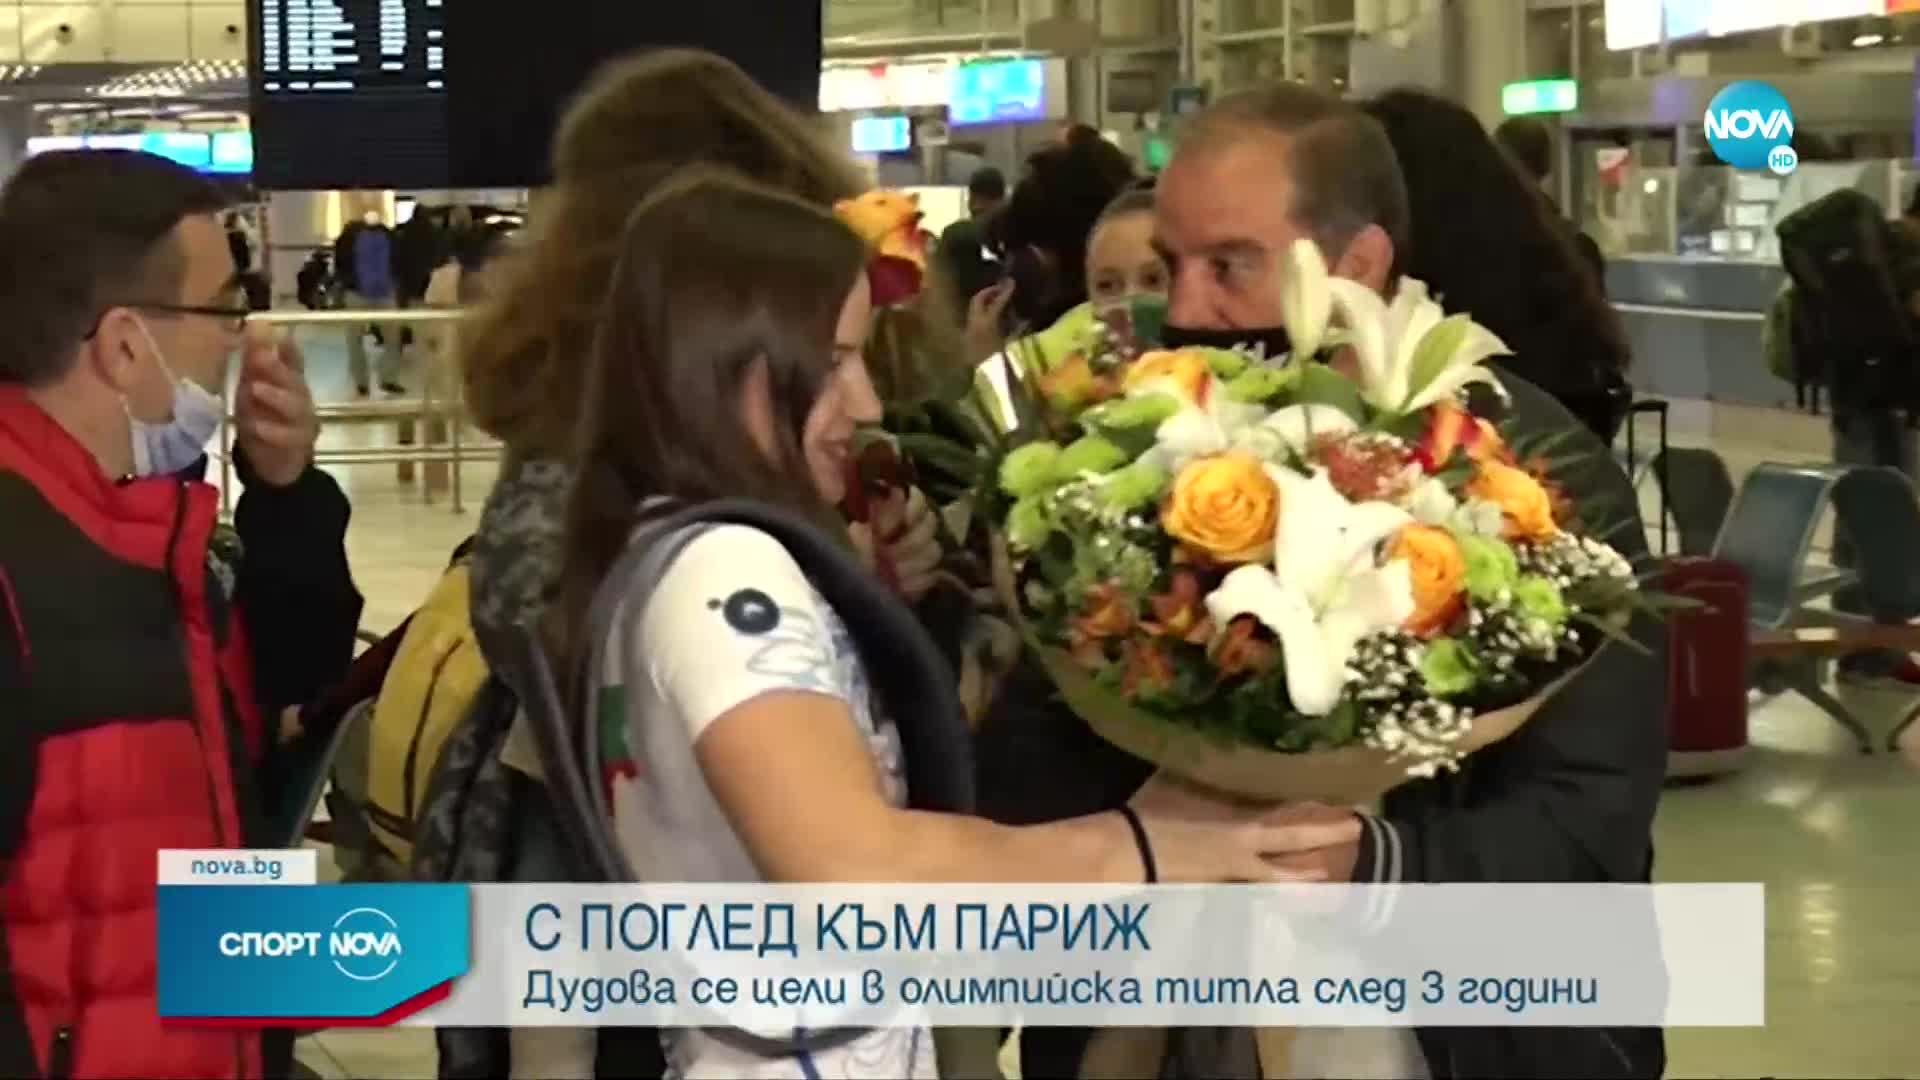 Биляна Дудова: Бях си обещала да спечеля тази титла, показах, че съм най-добрата в света